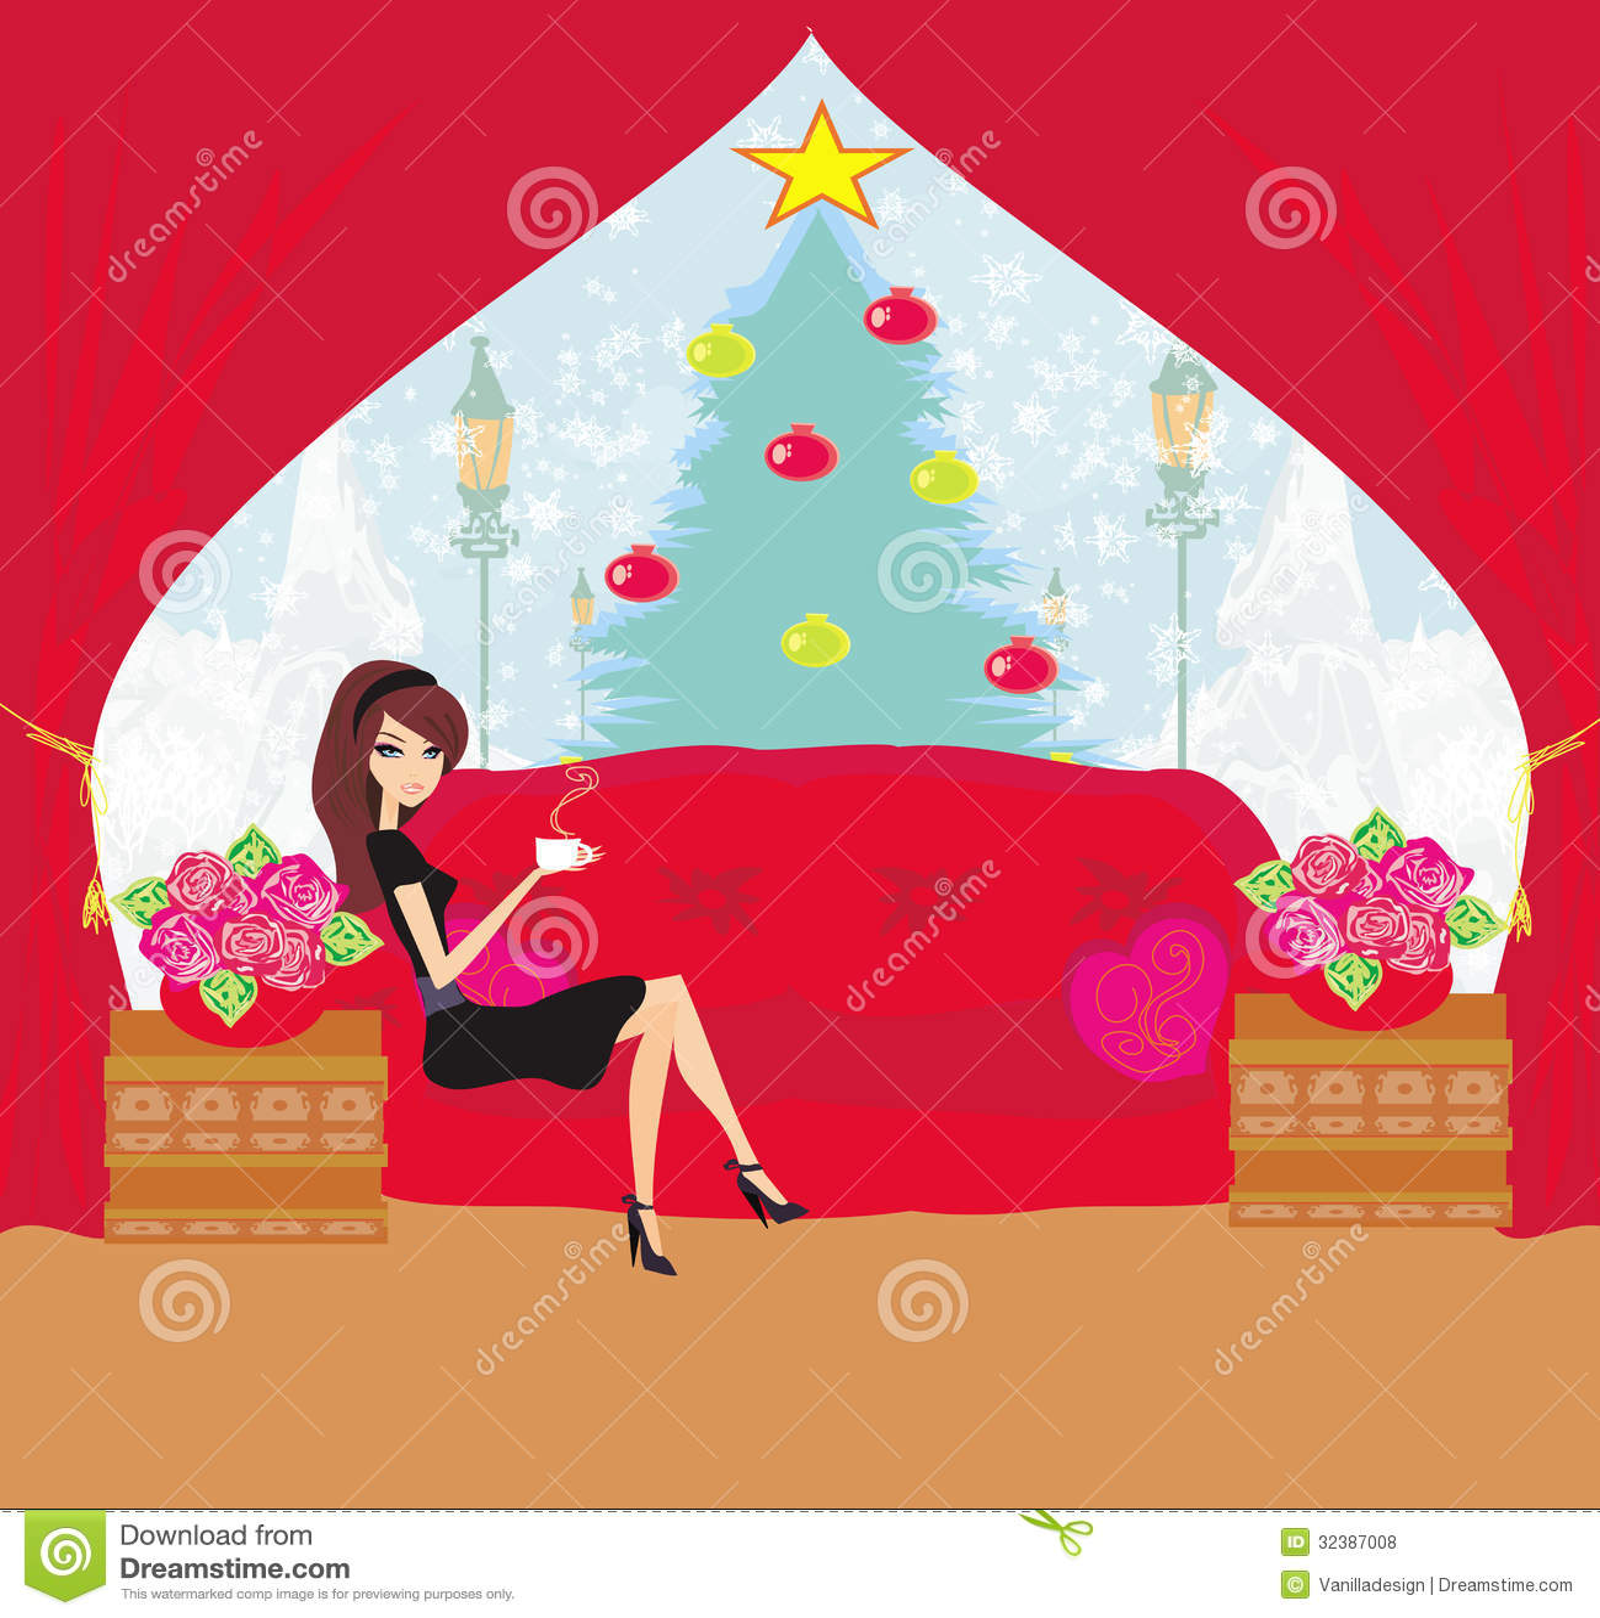 Christmas Tree Tea